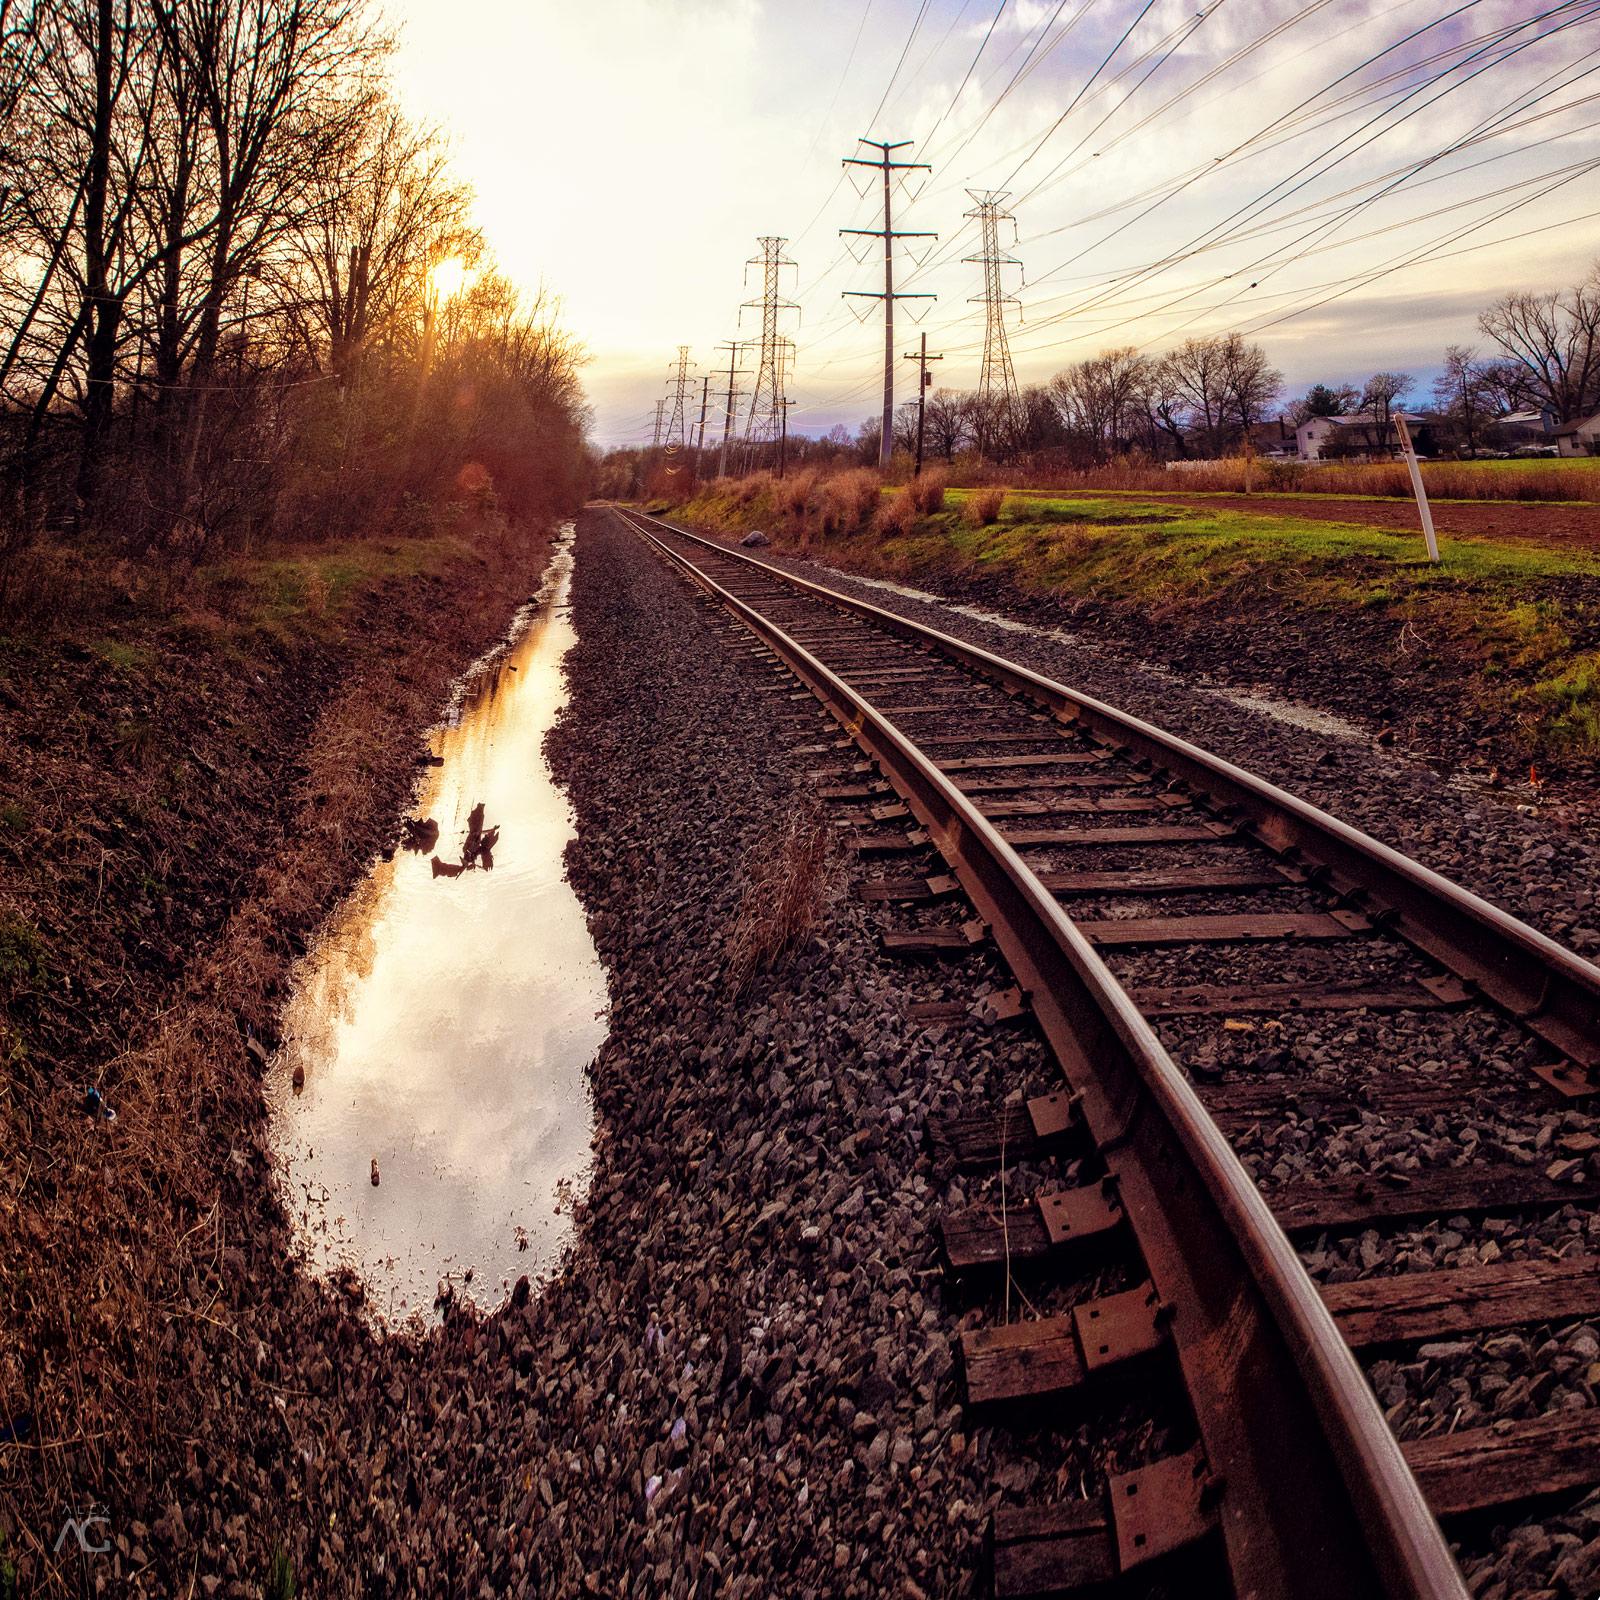 TrainTracksAndPowerLinesInTheMiddleOfNowhere_warped_warped_1600